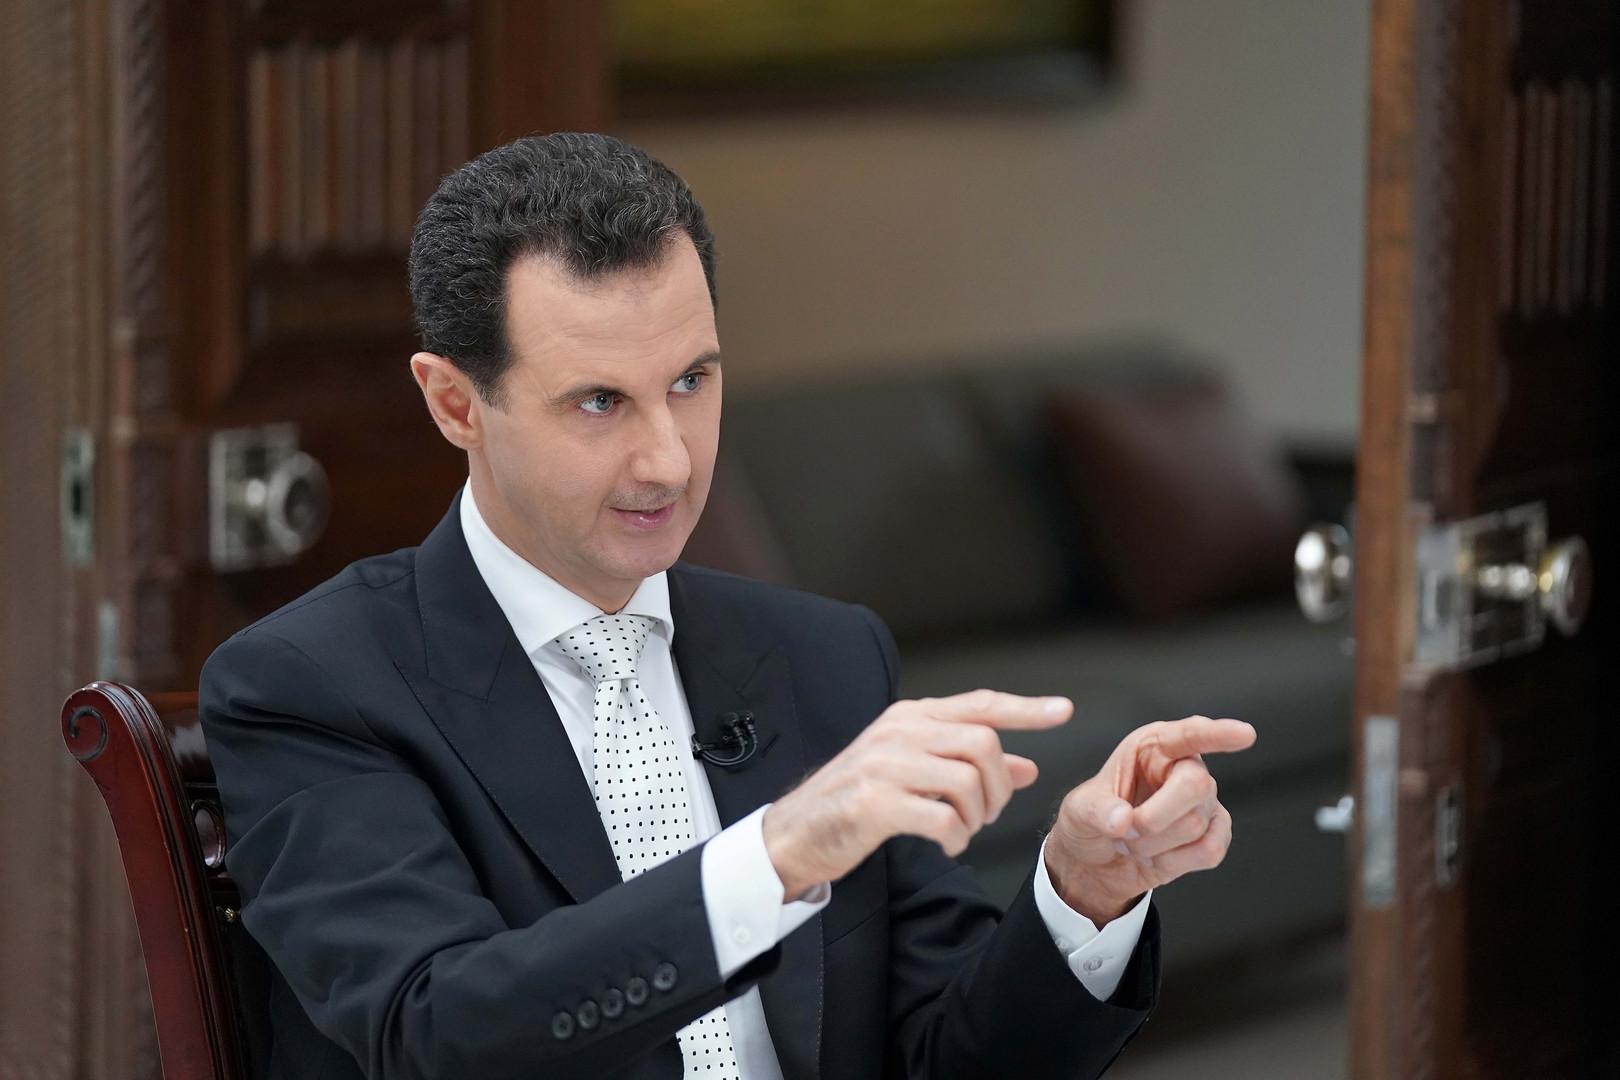 الولايات المتحدة: لا نسعى لتغيير النظام في سوريا ومصير الأسد يقرره الشعب